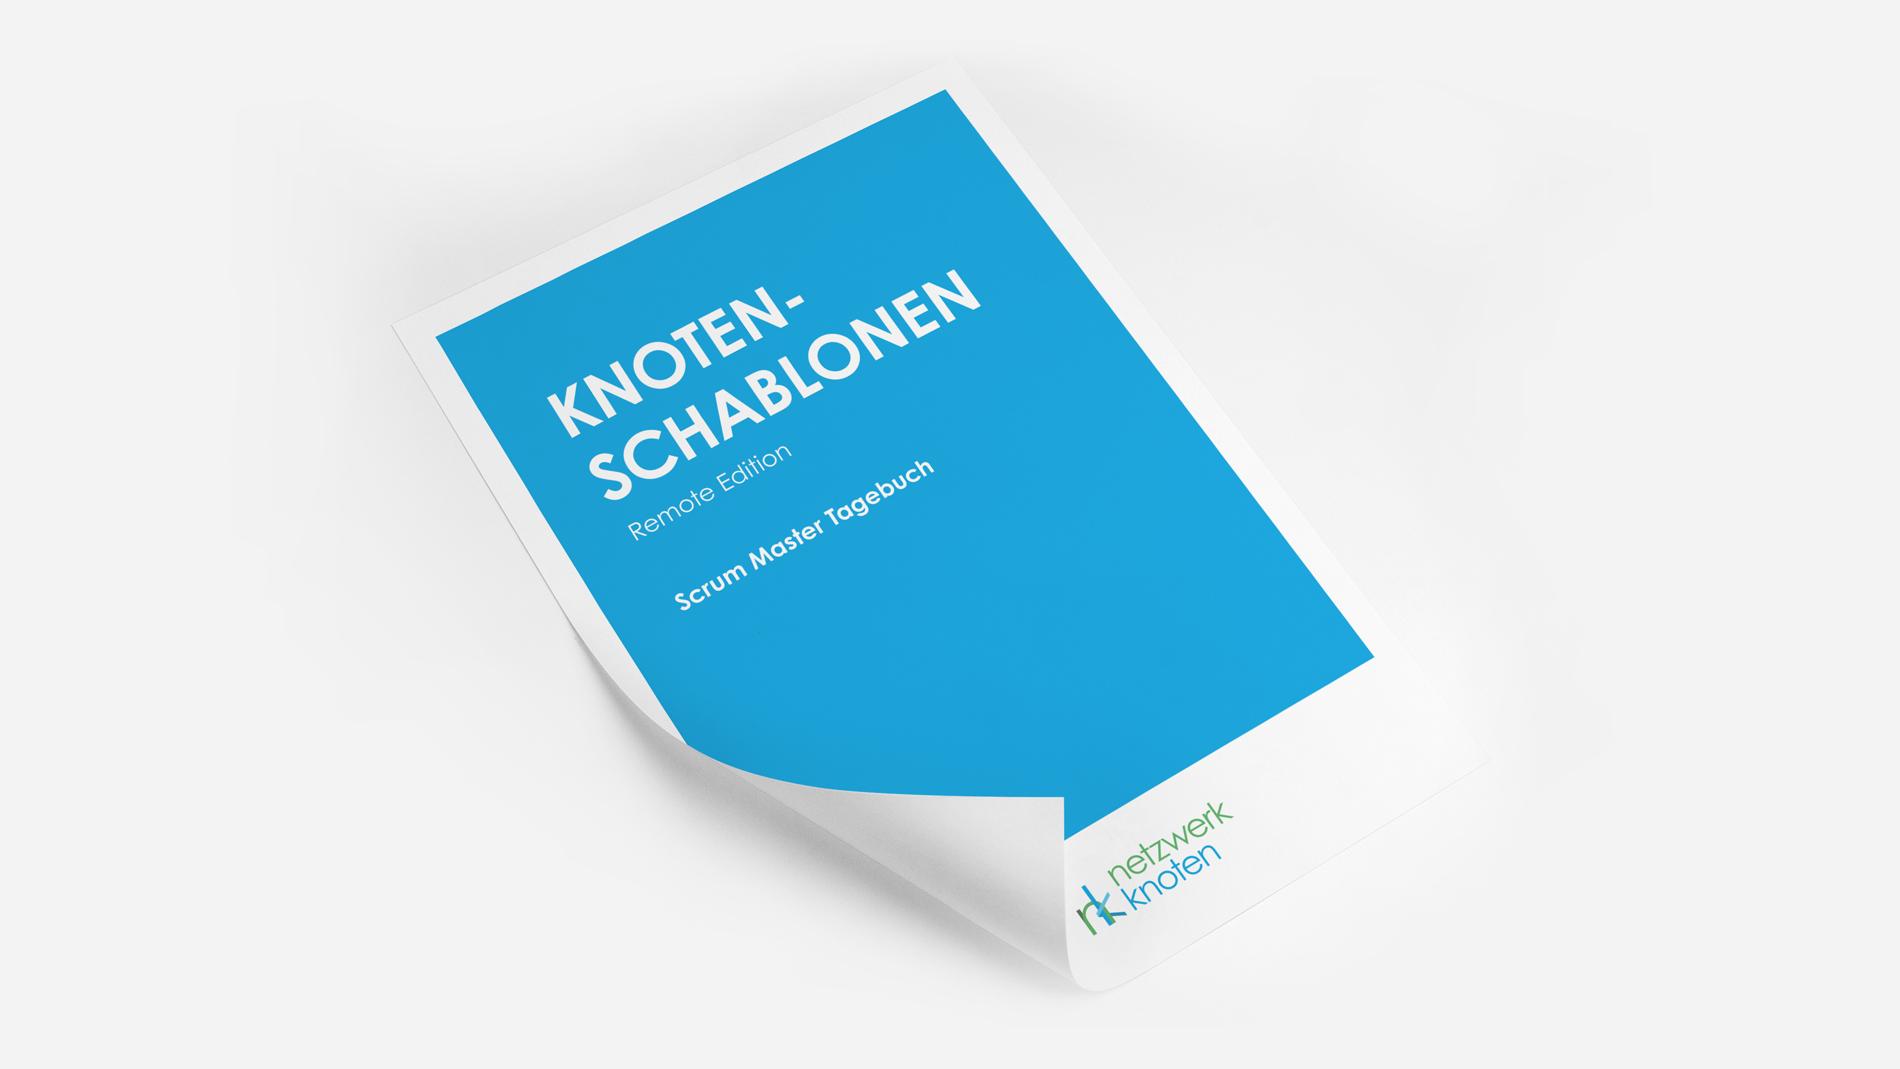 netzwerkknoten_unternehmensberatung_berlin_knotenschablonen_scrum_master_tagebuch